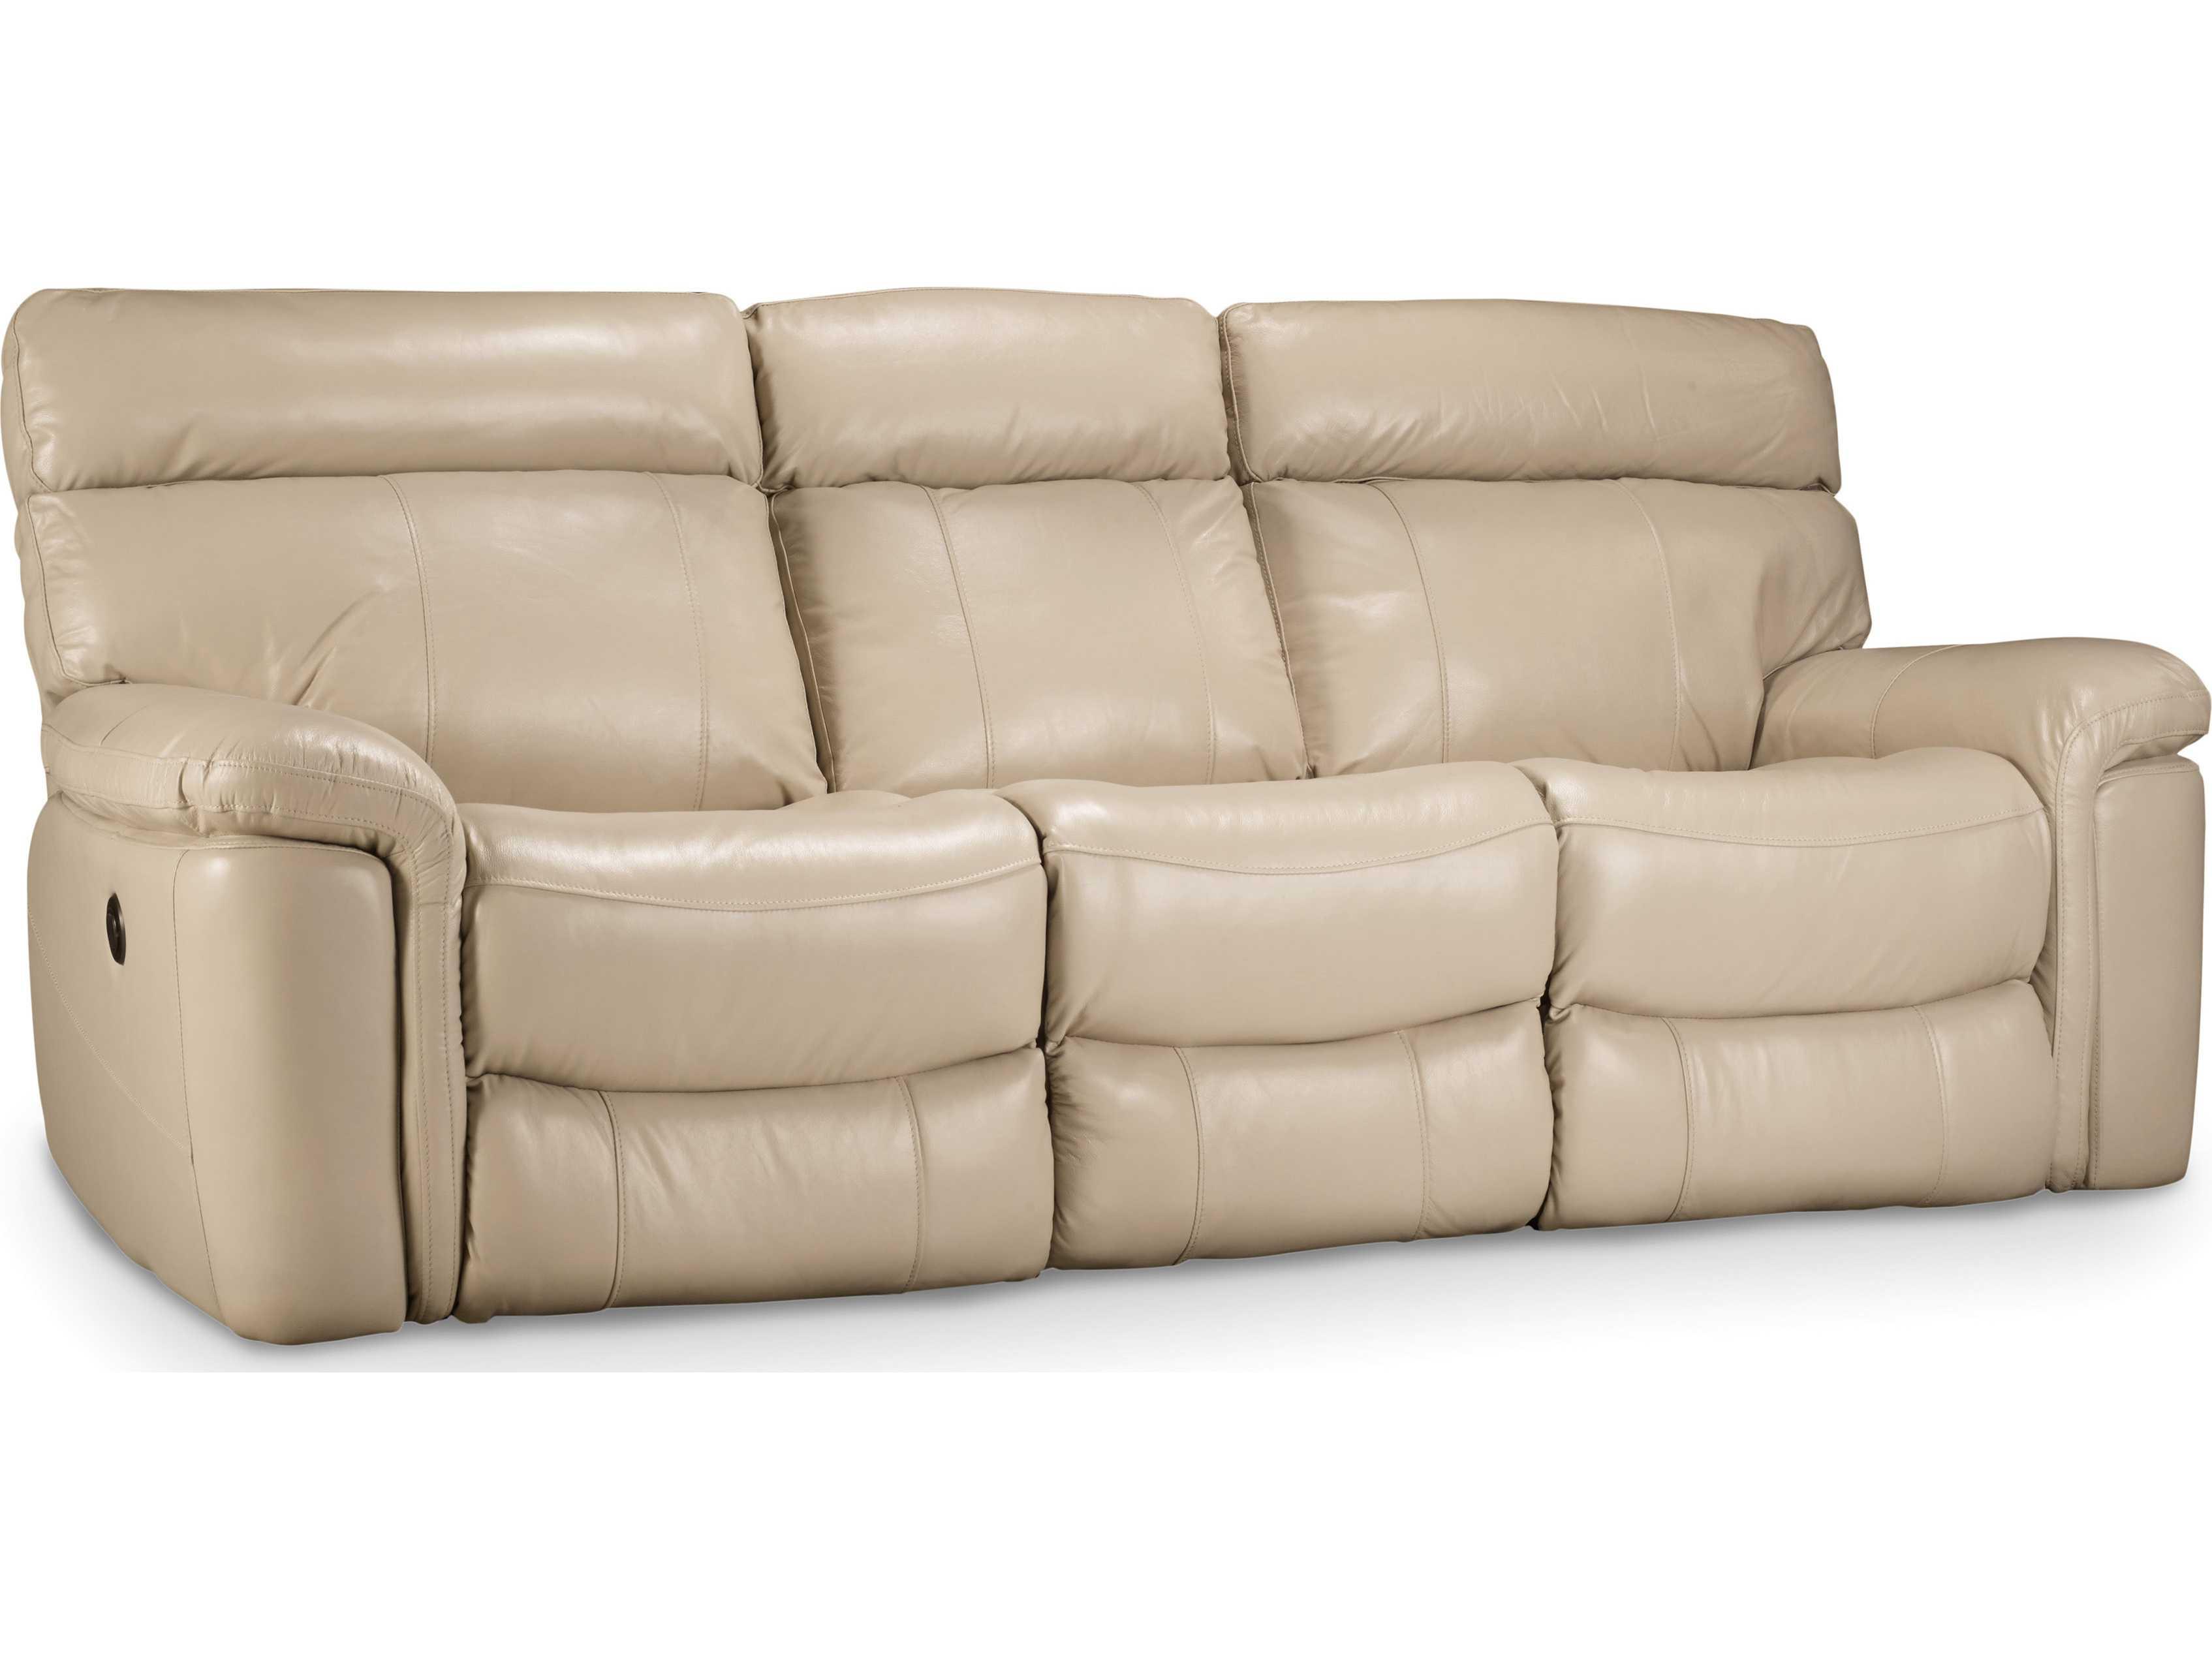 hooker furniture taupe motion sofa hooss62003082. Black Bedroom Furniture Sets. Home Design Ideas